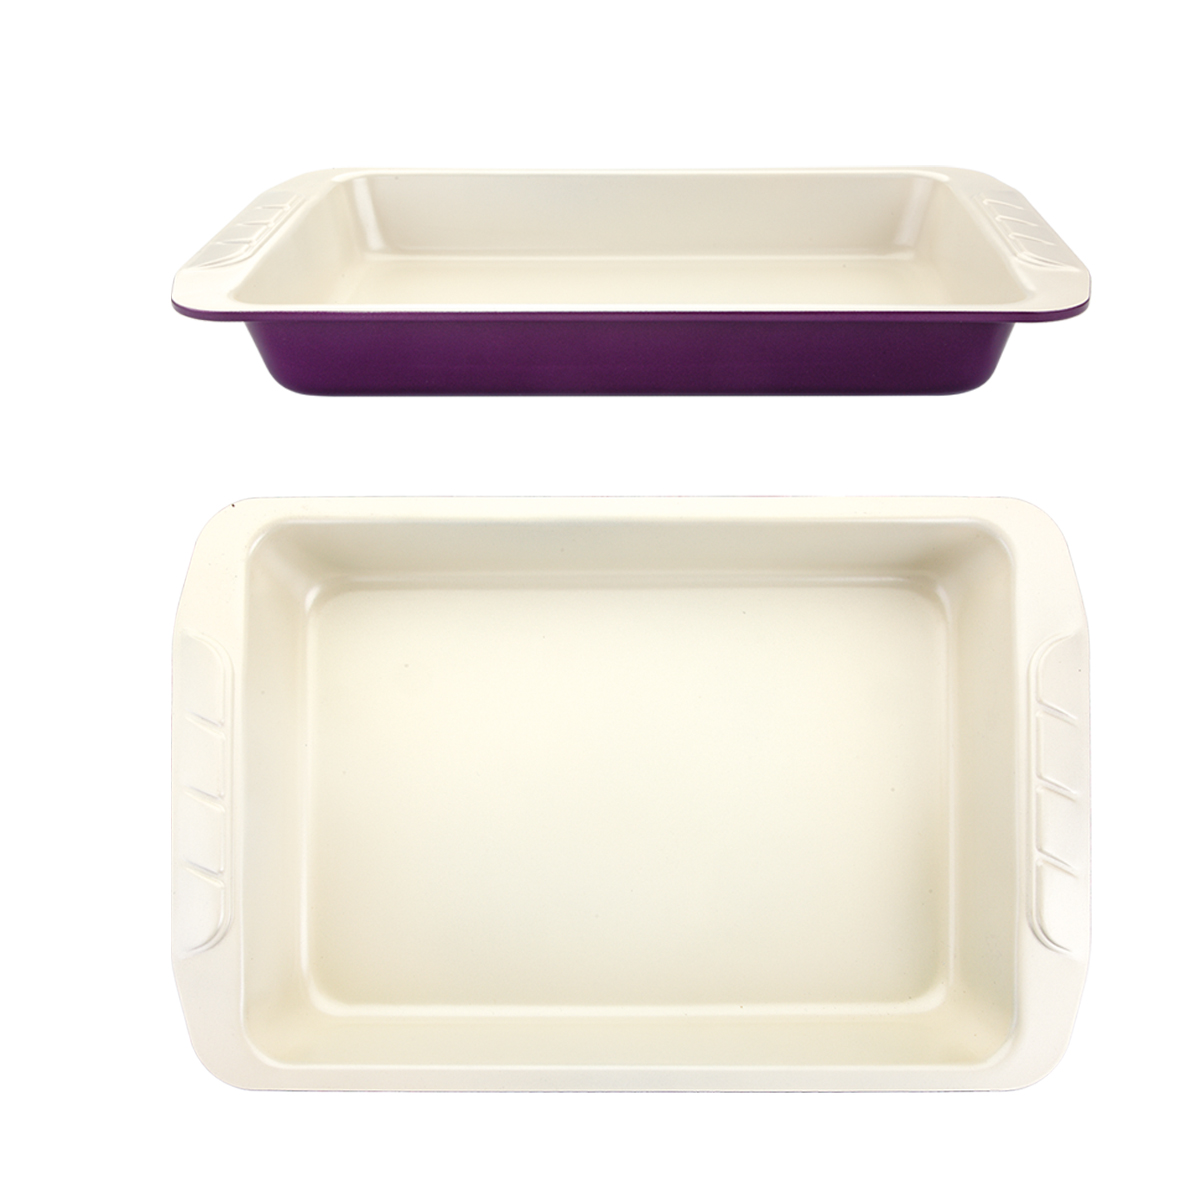 Форма для выпечки Augustin Welz, с керамическим покрытием, цвет: бежевый, фиолетовый, 40 х 25,5 х 5 смAW-2151Форма Augustin Welz будет отличным выбором для всех любителей домашней выпечки. Особое высокотехнологичное антипригарное покрытие обеспечивает моментальное снятие выпечки с противня, его легкую очистку после использования. В форме используется углеродистая сталь 0,8 мм с керамическим антипригарным покрытием без содержания политетрафторэтилена и перфтороктановой кислоты.Форма выдерживает температуру от 230°C - 450°C. Подходит для использования в духовке. Можно мыть в посудомоечной машине, не рекомендовано использование абразивных чистящих средств. Использовать только пластиковые, деревянные или силиконовые аксессуары.Для смазывания и присыпки противня следуйте рецепту или инструкции на упаковке полуфабрикатов. Не рекомендуется использовать кулинарные спреи. С такой формой вы всегда сможете порадовать своих близких оригинальной выпечкой.